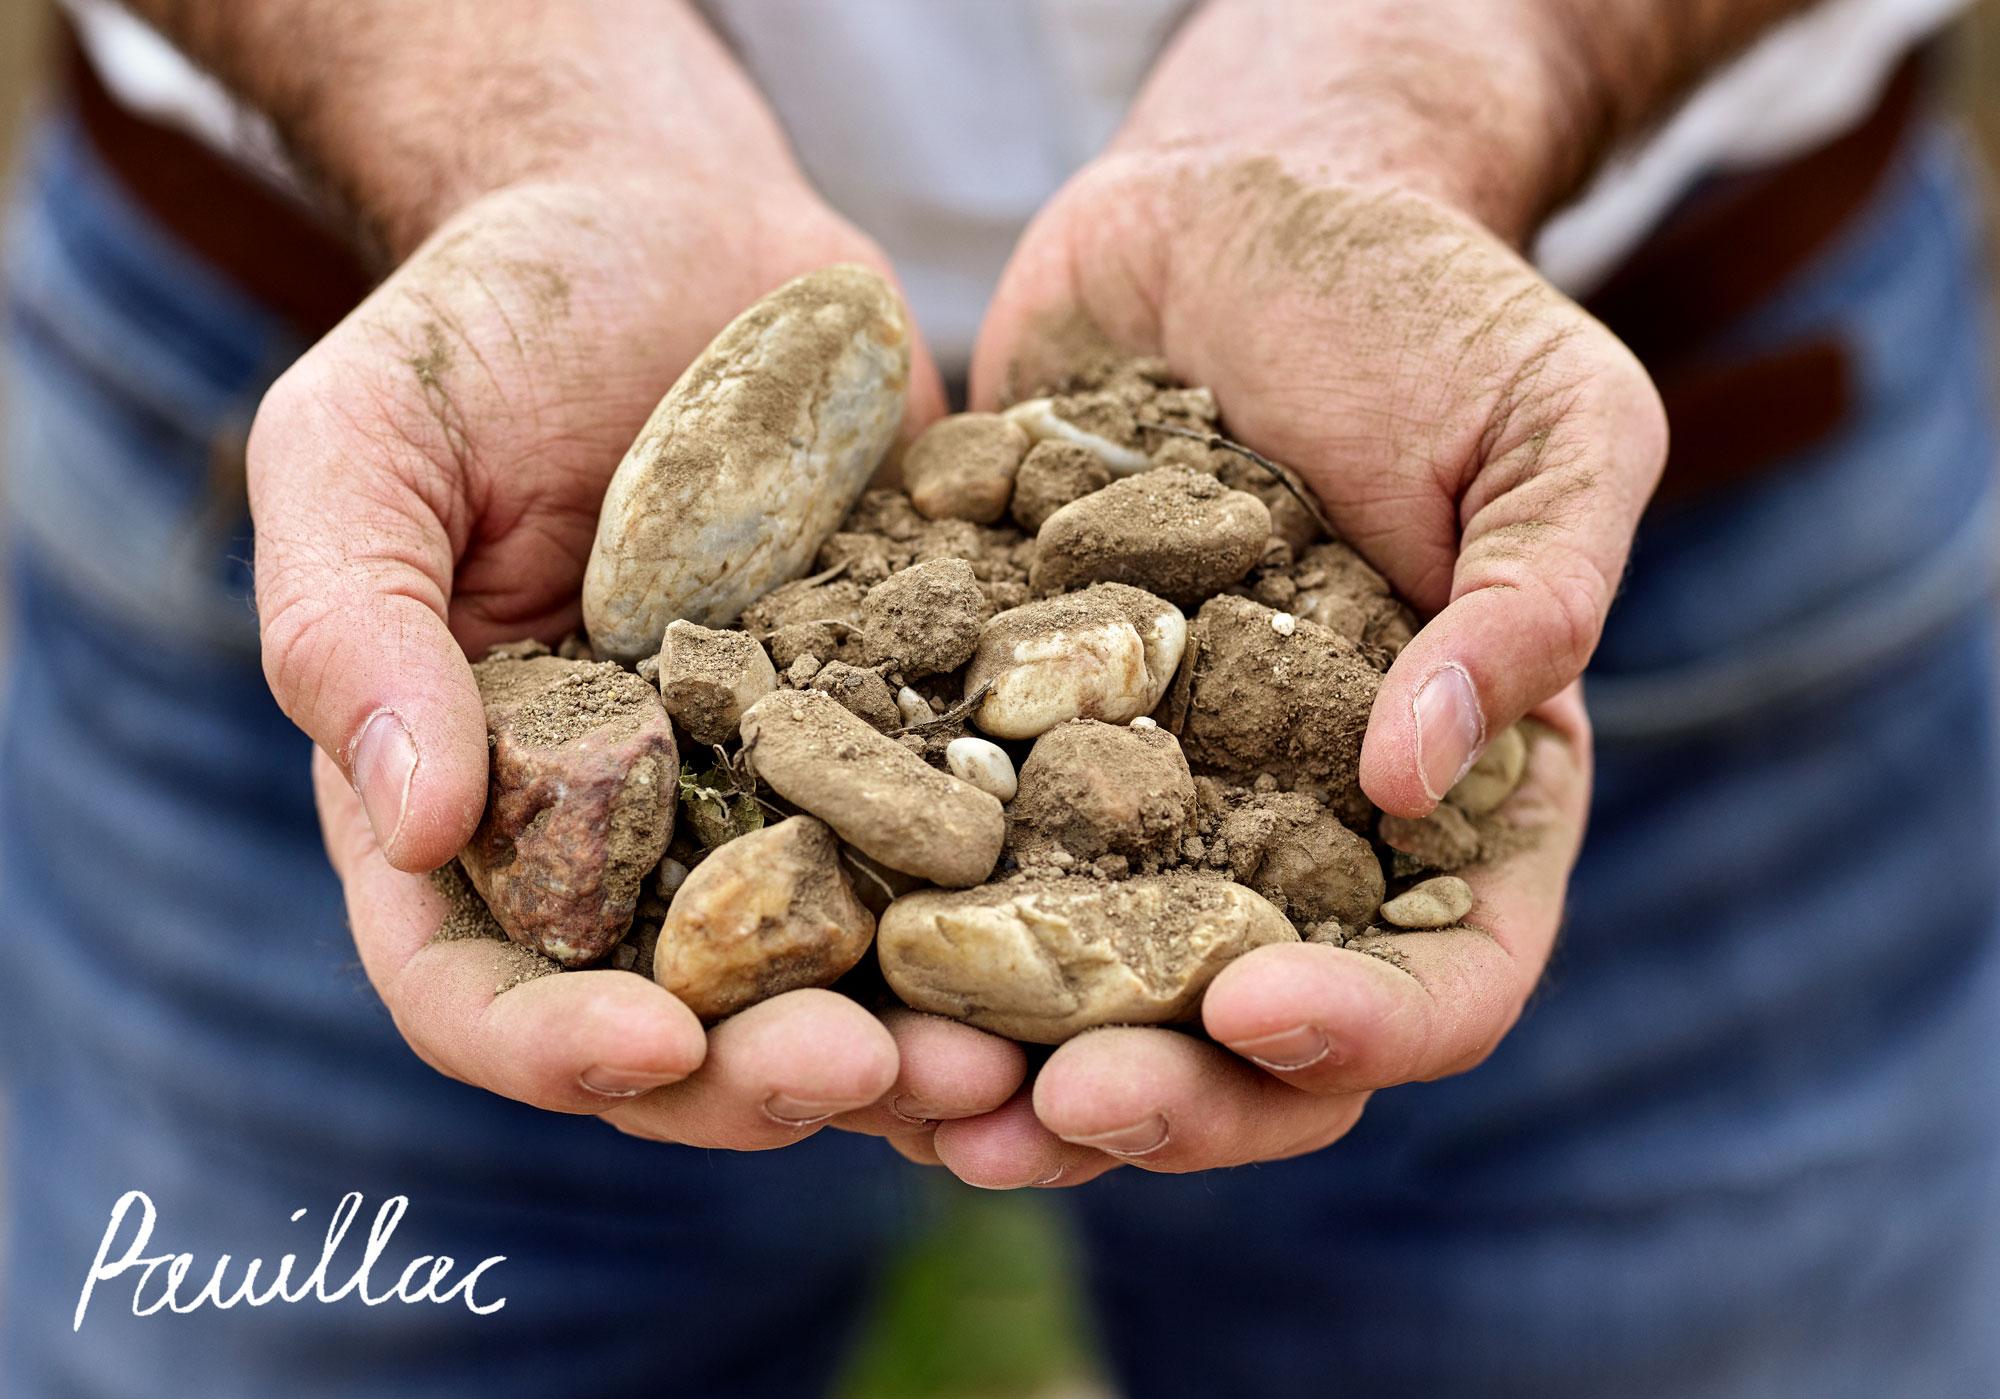 Pauillac terroir from the Bordeaux wine region